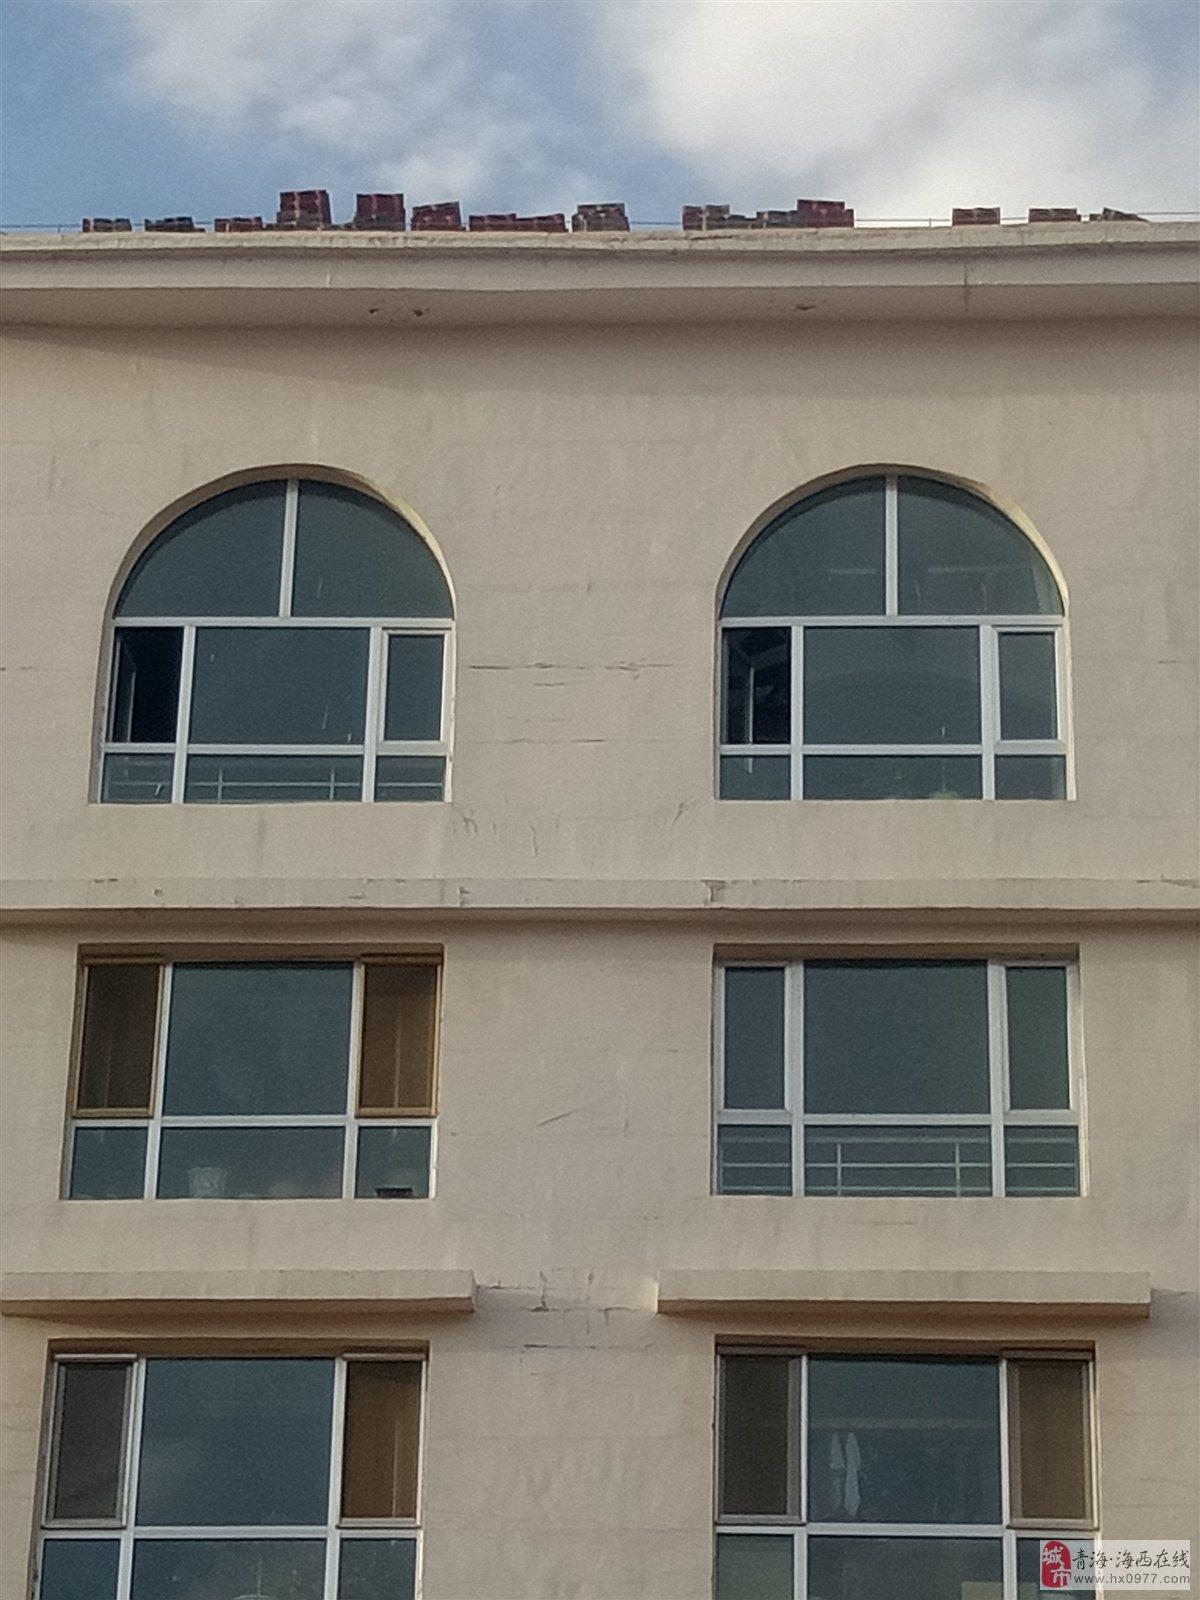 德令哈怡景北区房顶修缮存在安全隐患